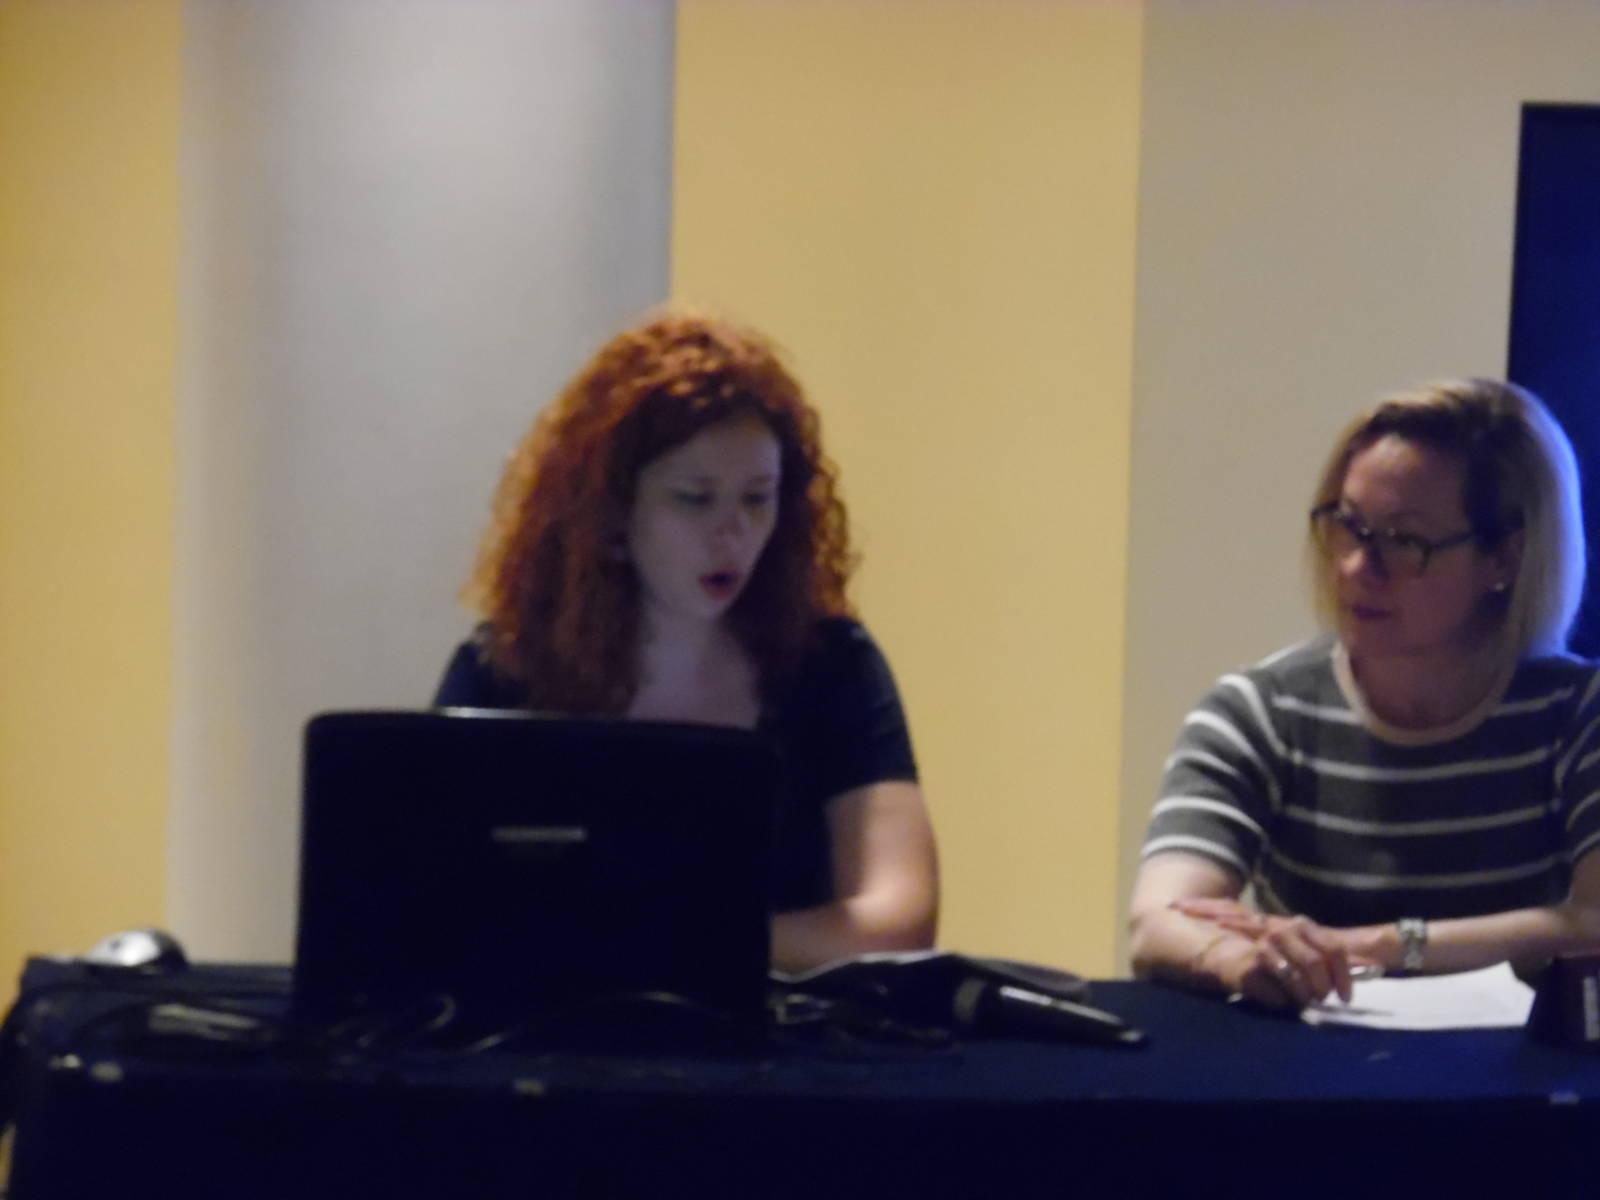 Ελένη Γκόρα-Παρουσίαση διδακτικού σεναρίου